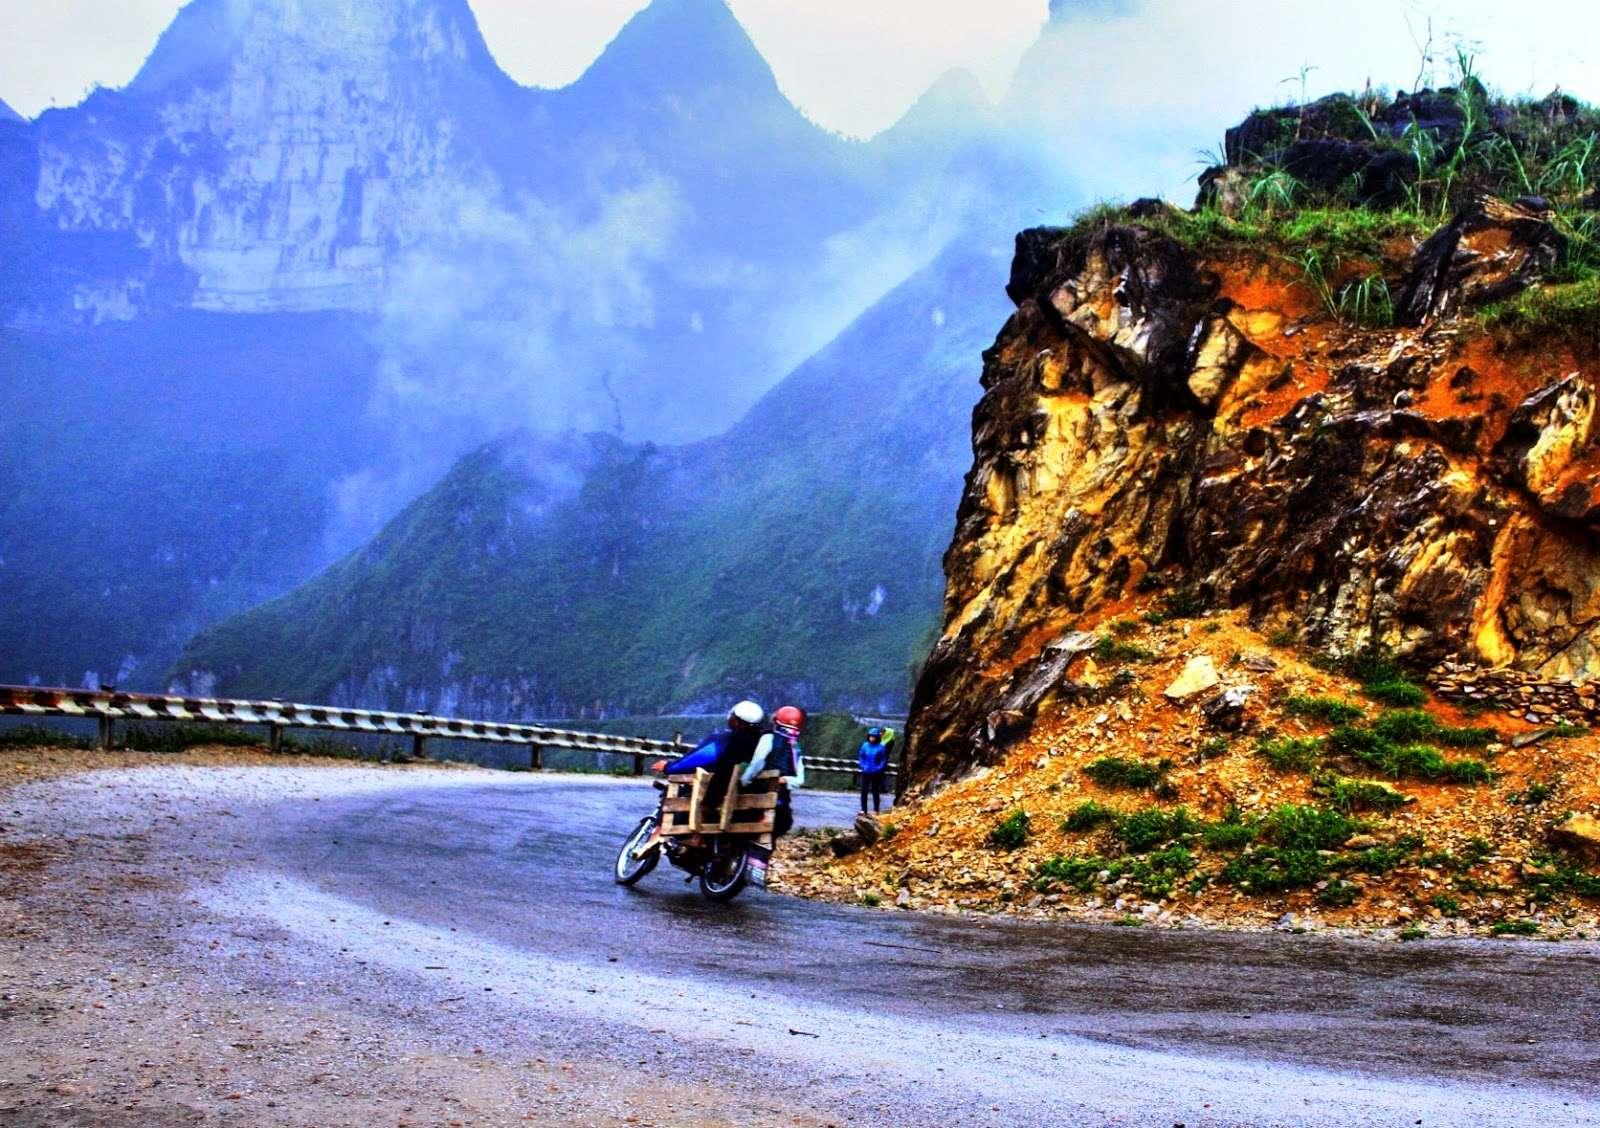 Đi xe máy ở cung đường núi dốc là trải nghiệm tuyệt vời trong hành trình ngắm hoa tam giác mạch